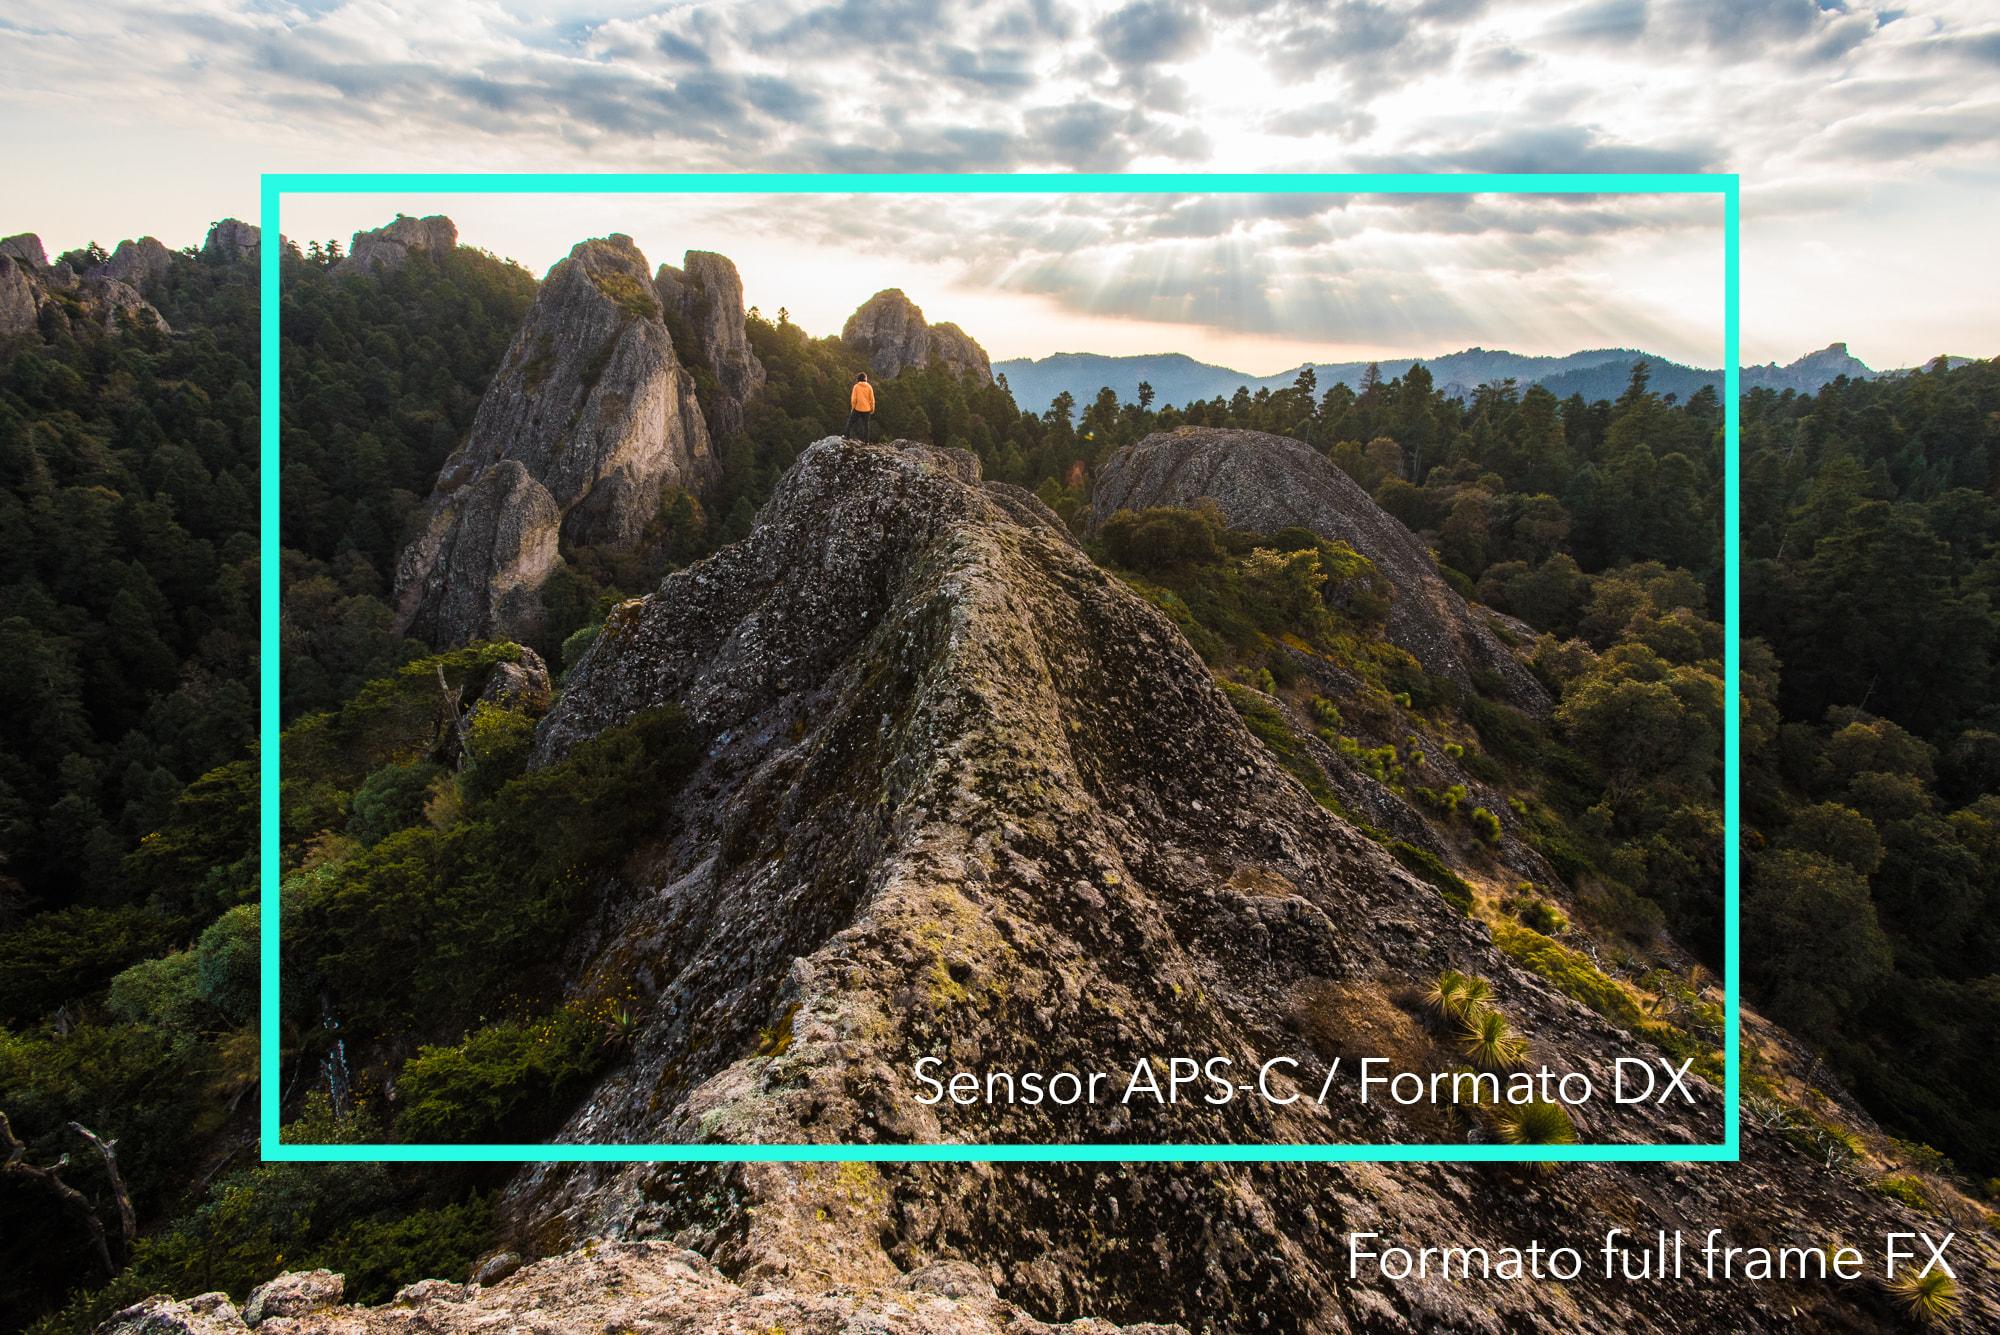 Diferencia entre un sensor full frame y un sensor APS C